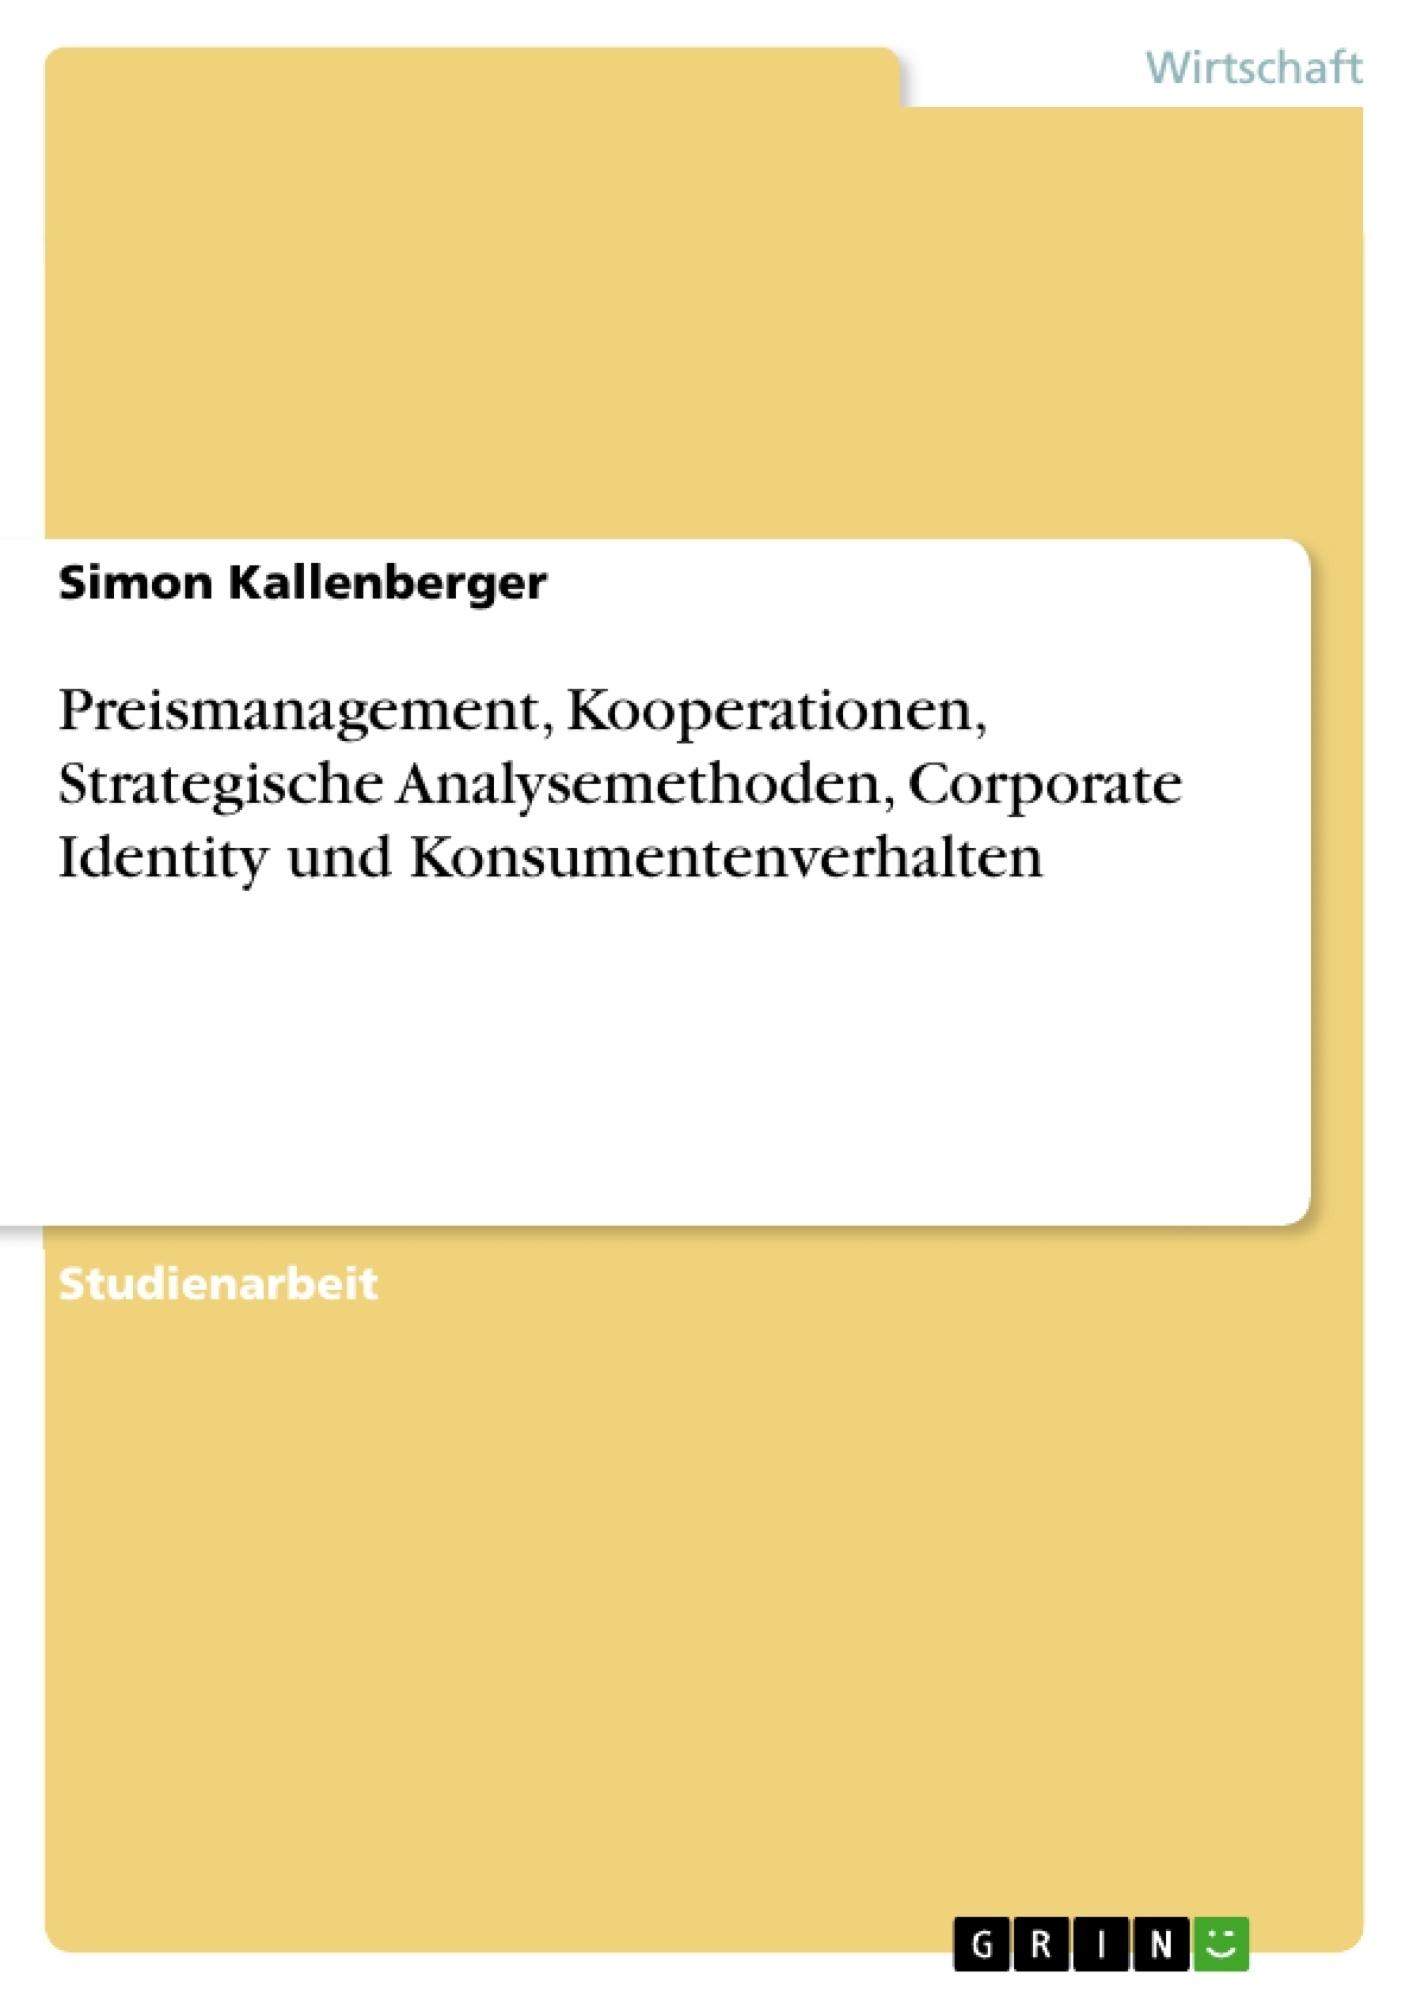 Titel: Preismanagement, Kooperationen, Strategische Analysemethoden, Corporate Identity und Konsumentenverhalten